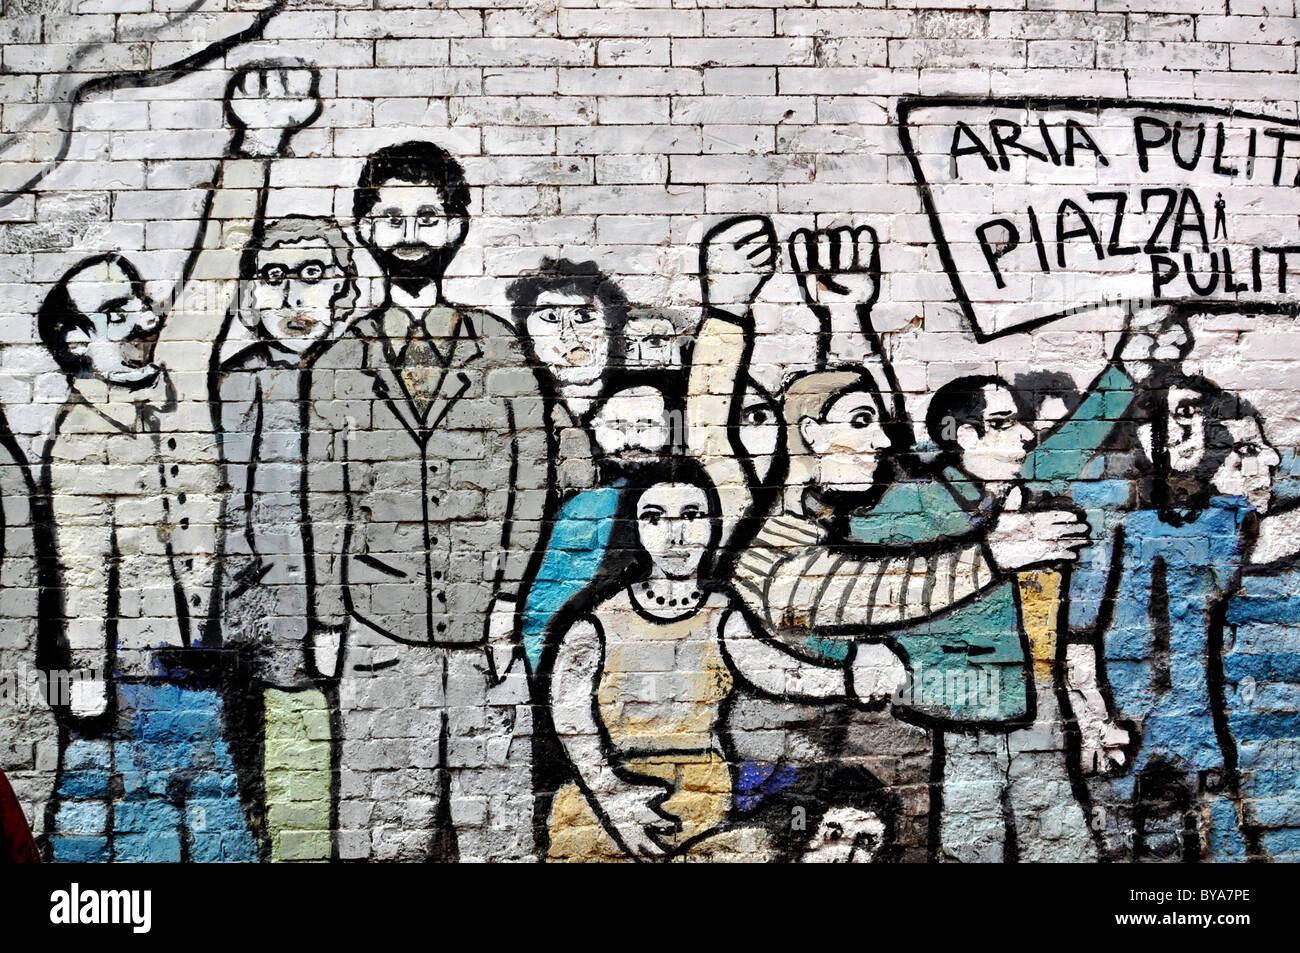 Fresque de protestation, Rome, Latium, Italie, Europe Photo Stock